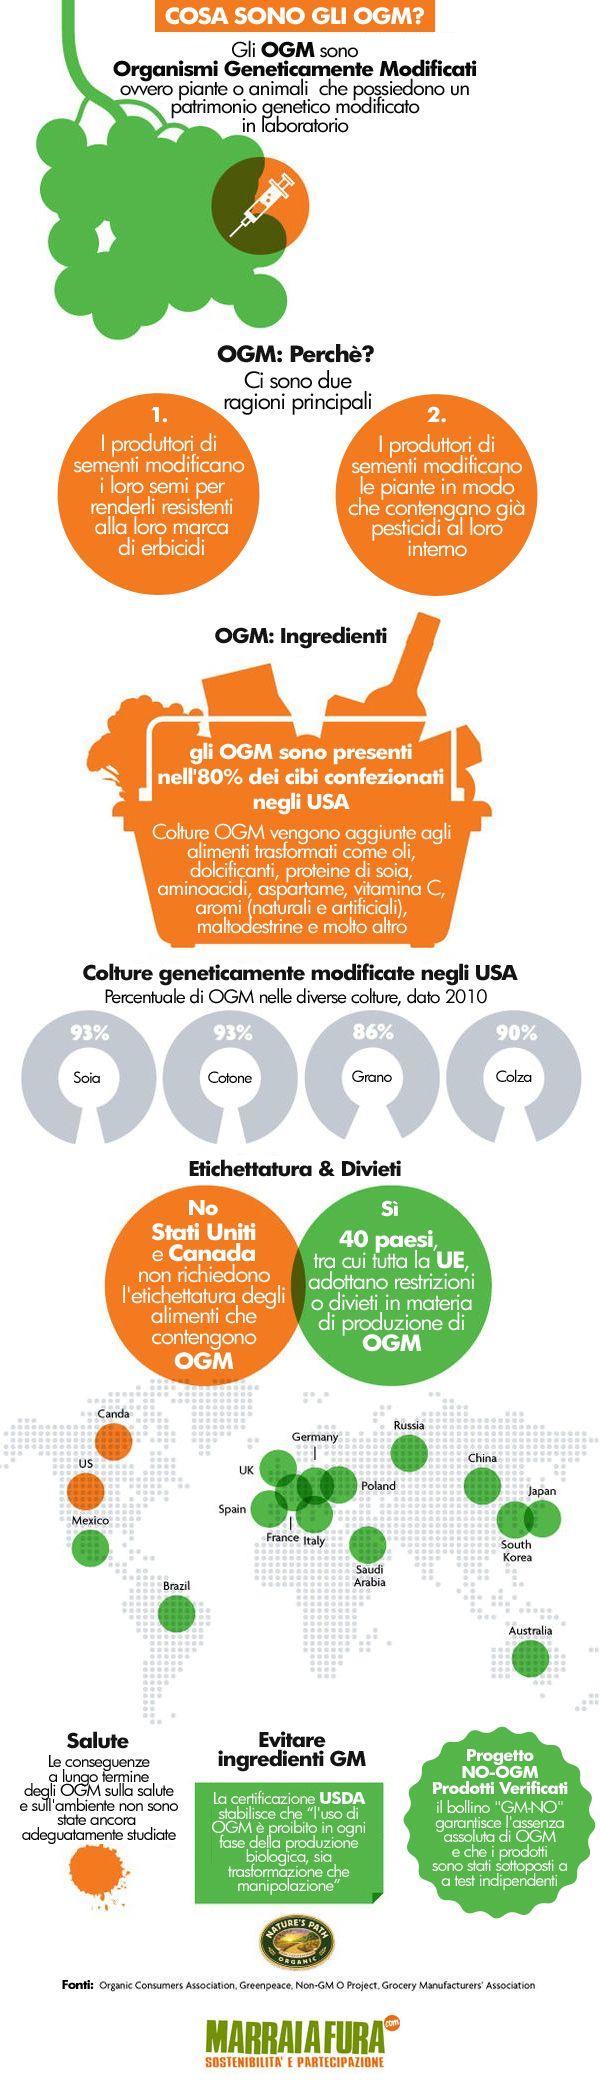 """Infografica """"cosa sono gli OGM?"""" tradotta su @marraiafura"""